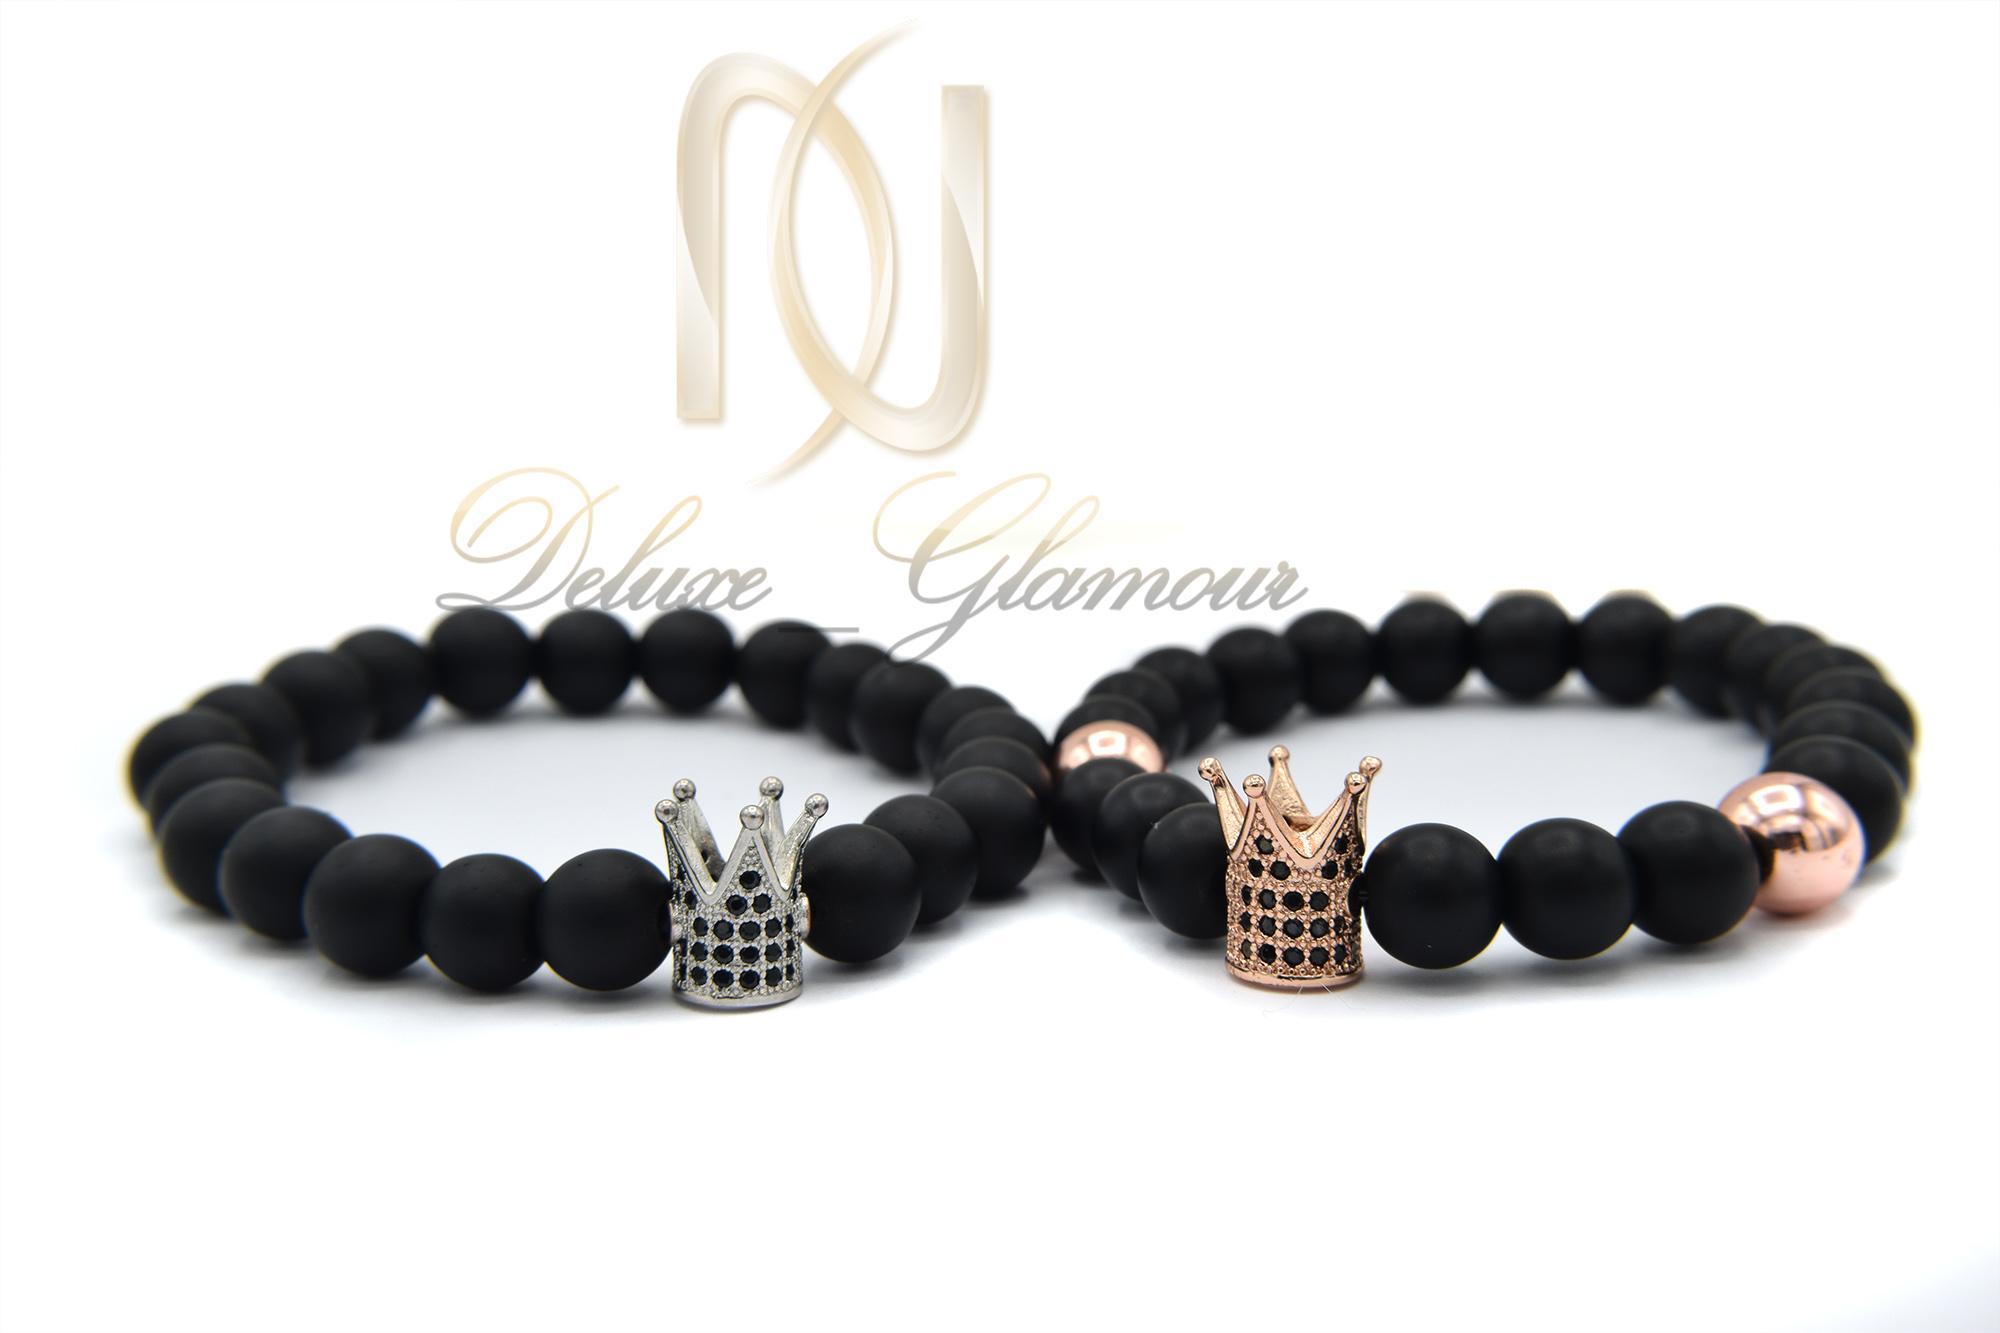 دستبند ست اسپرت عاشقانه sr-n111 از نمای نزدیک